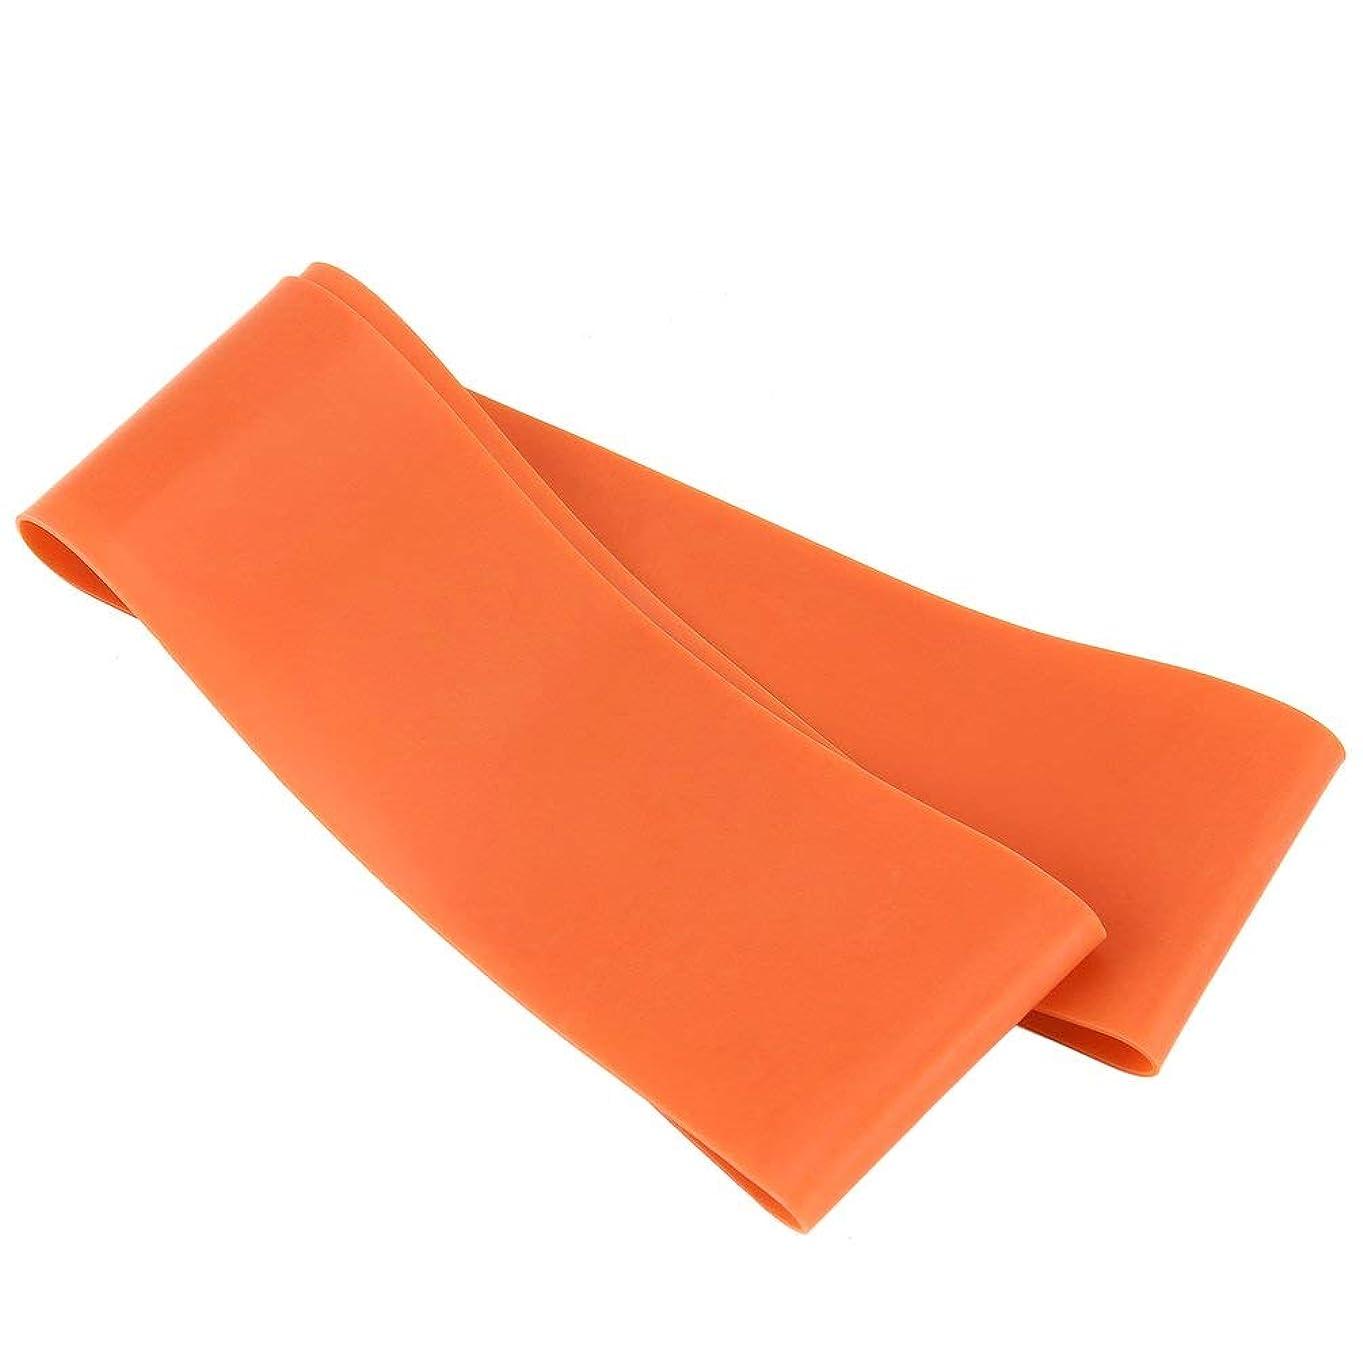 保険をかける必要条件着陸滑り止めの伸縮性のあるゴム製伸縮性がある伸縮性があるヨガベルトバンド引きロープの張力抵抗バンドループ強度のためのフィットネスヨガツール - オレンジ